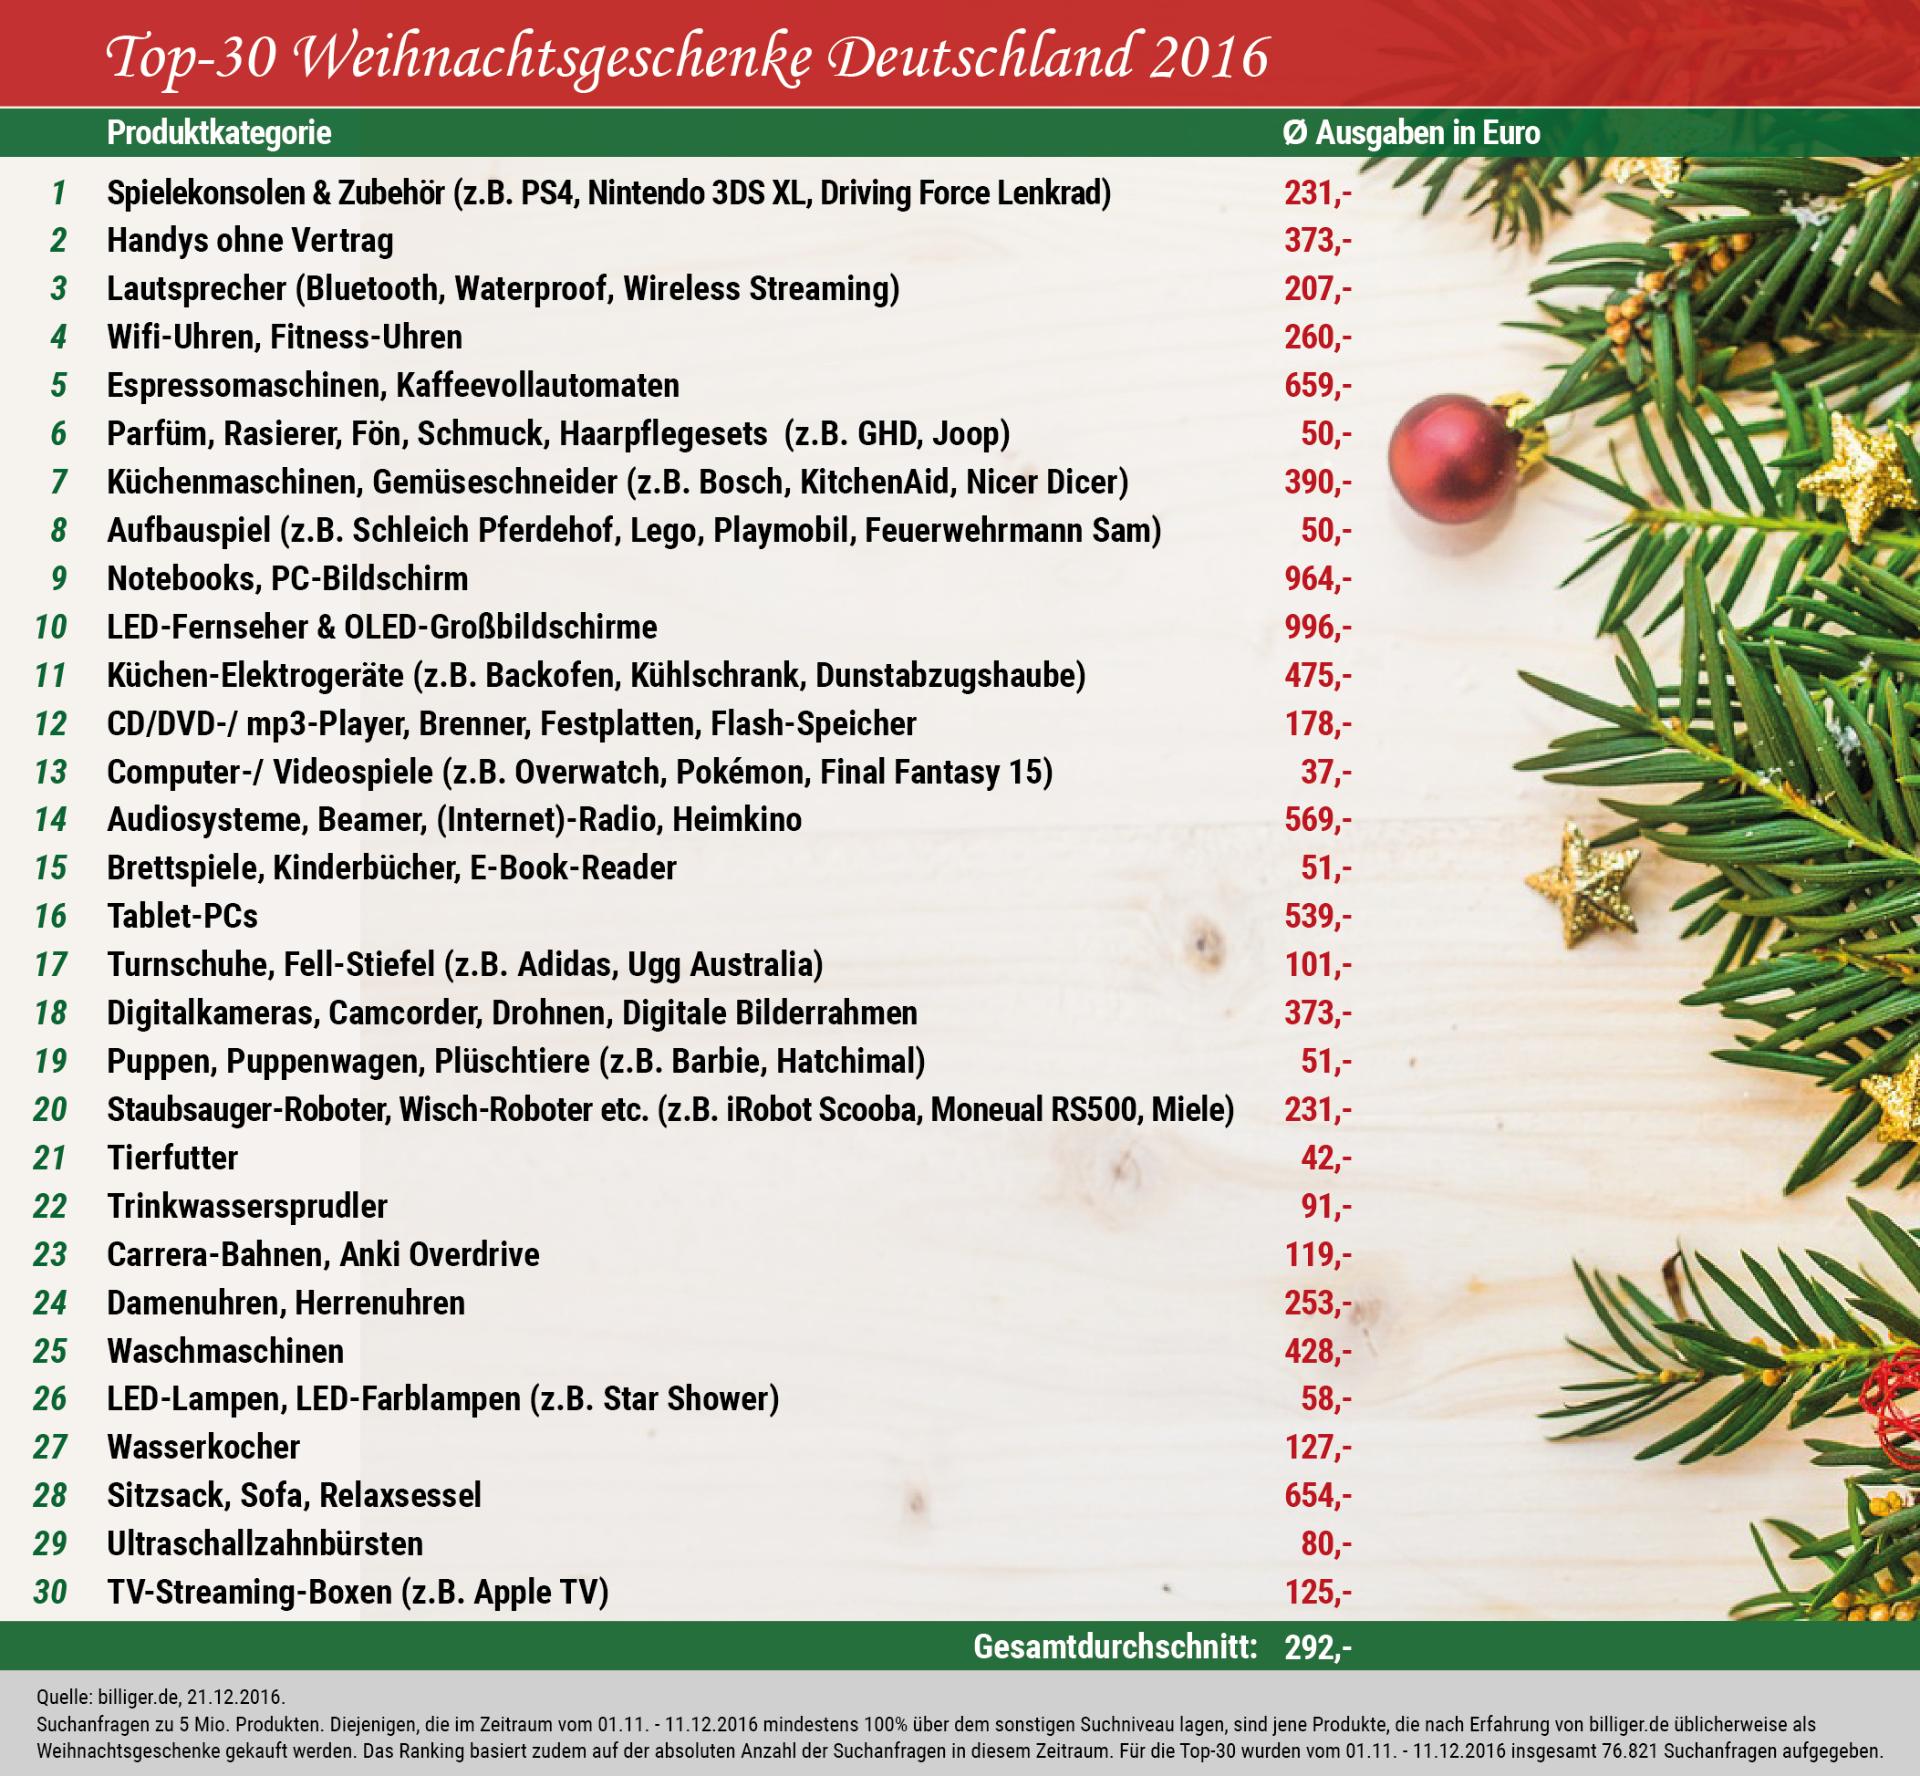 Die Top-30 Weihnachtsgeschenke der Deutschen, Lifestyleblogger, Blogazine, Weihnachtsgeschenk, Technik und Zubehör